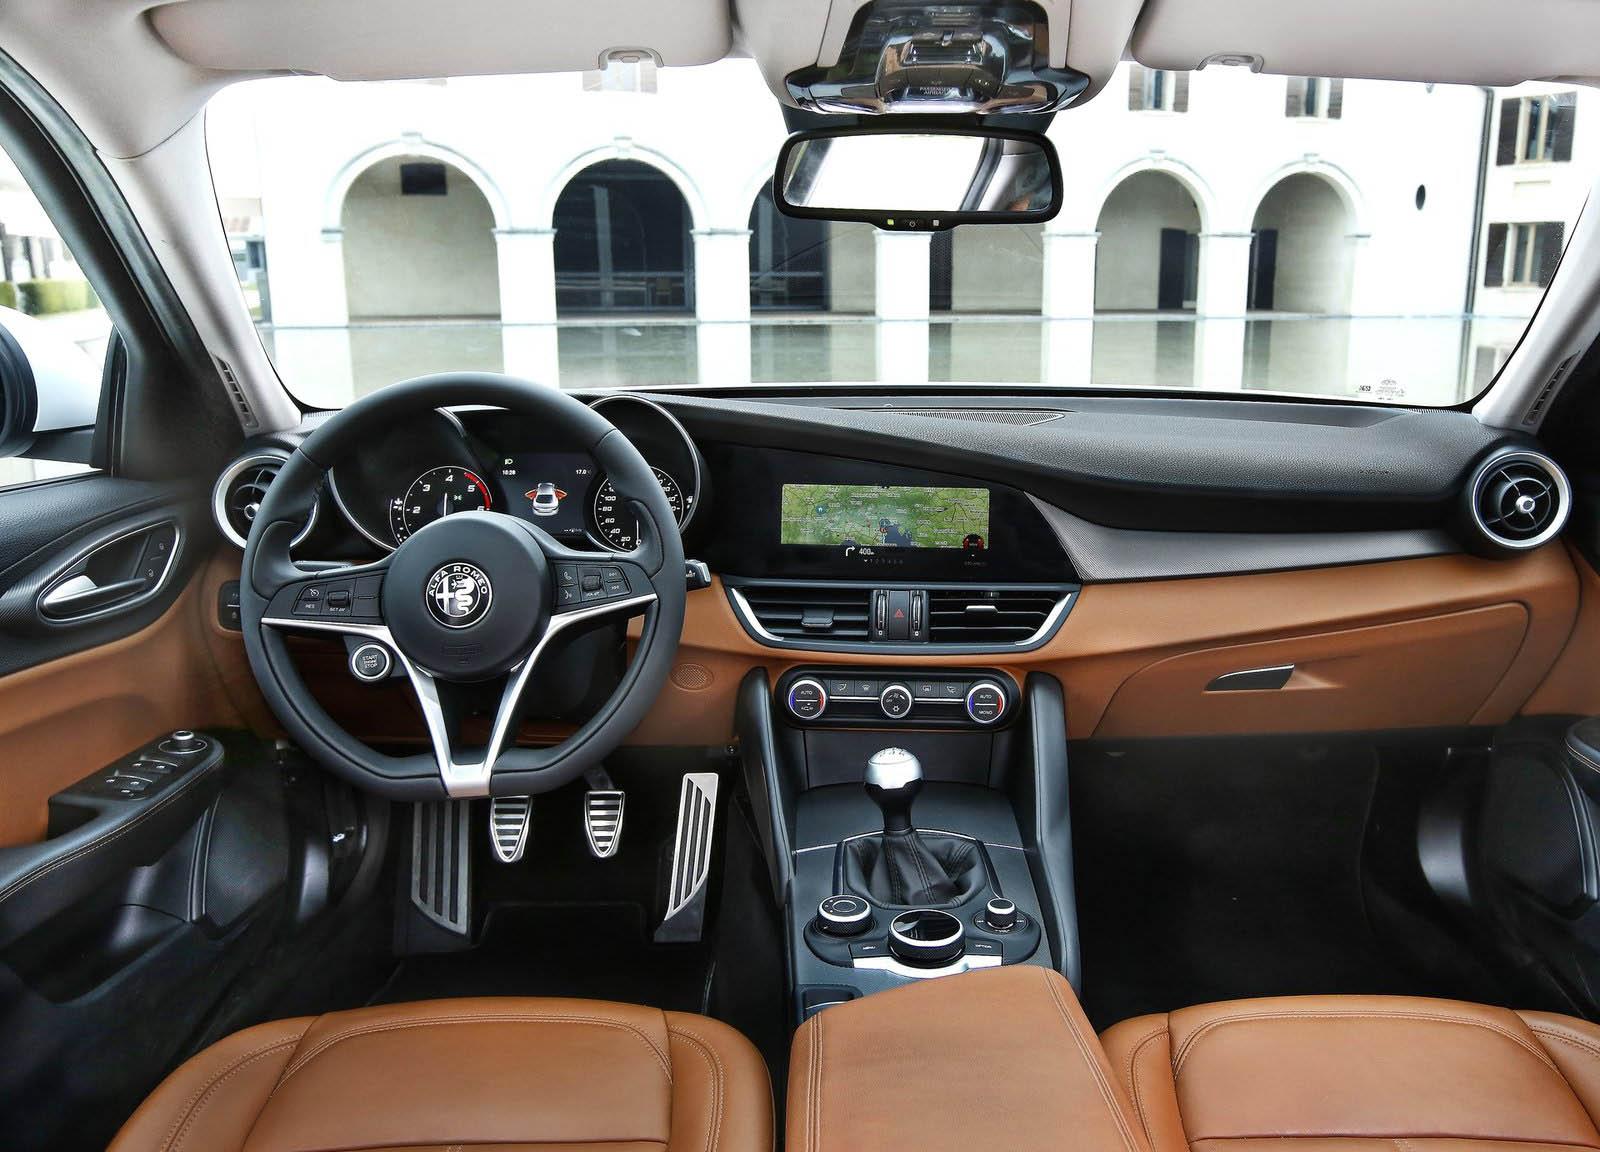 Image result for nội thất ô tô đẹp